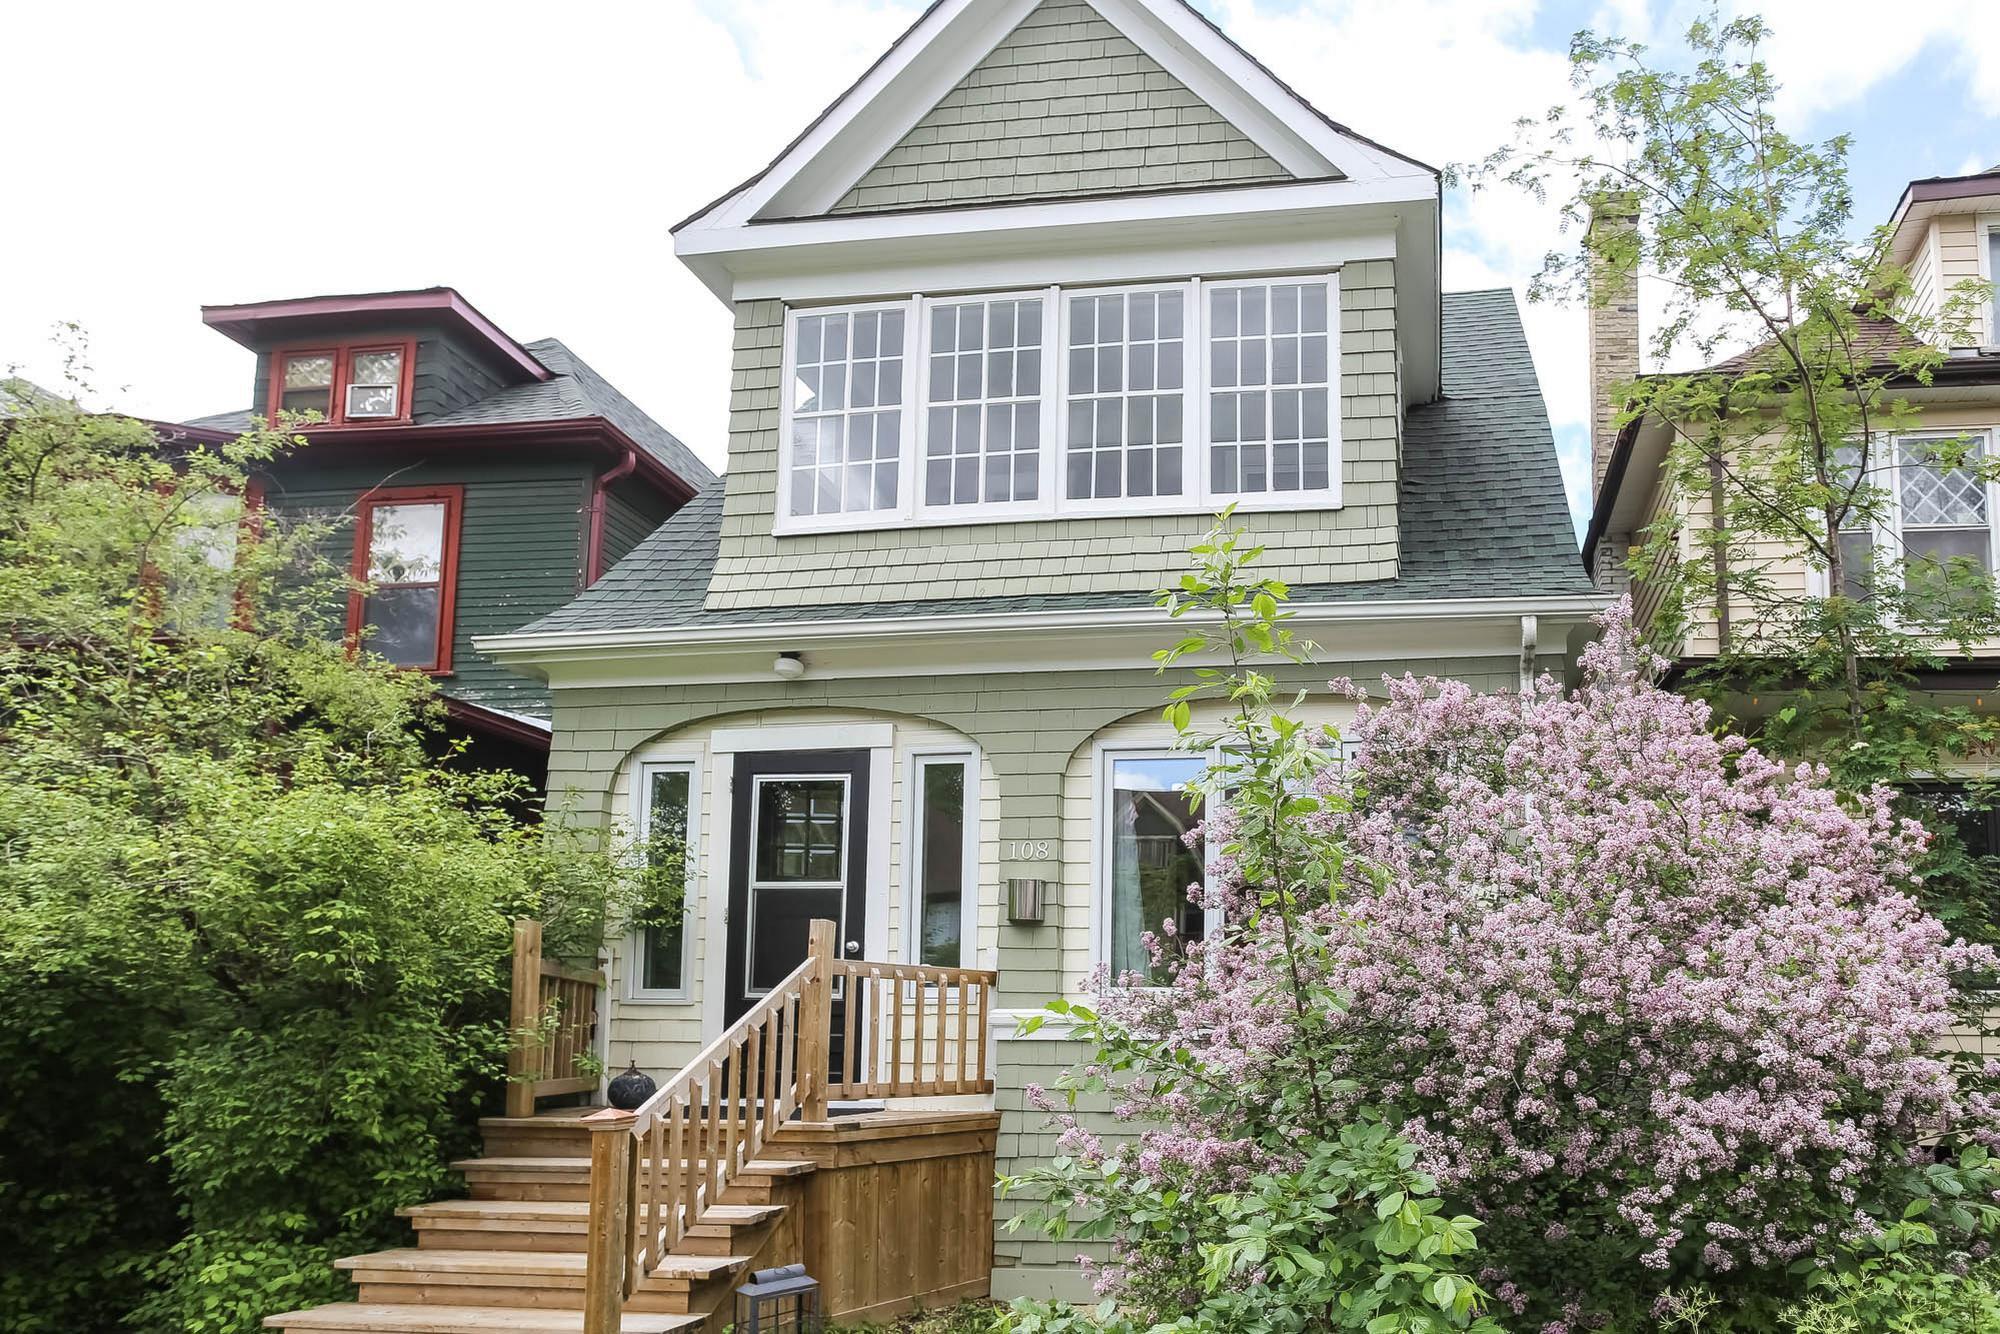 Photo 3: Photos: 108 LENORE Street in Winnipeg: Wolseley Single Family Detached for sale (5B)  : MLS®# 202013079